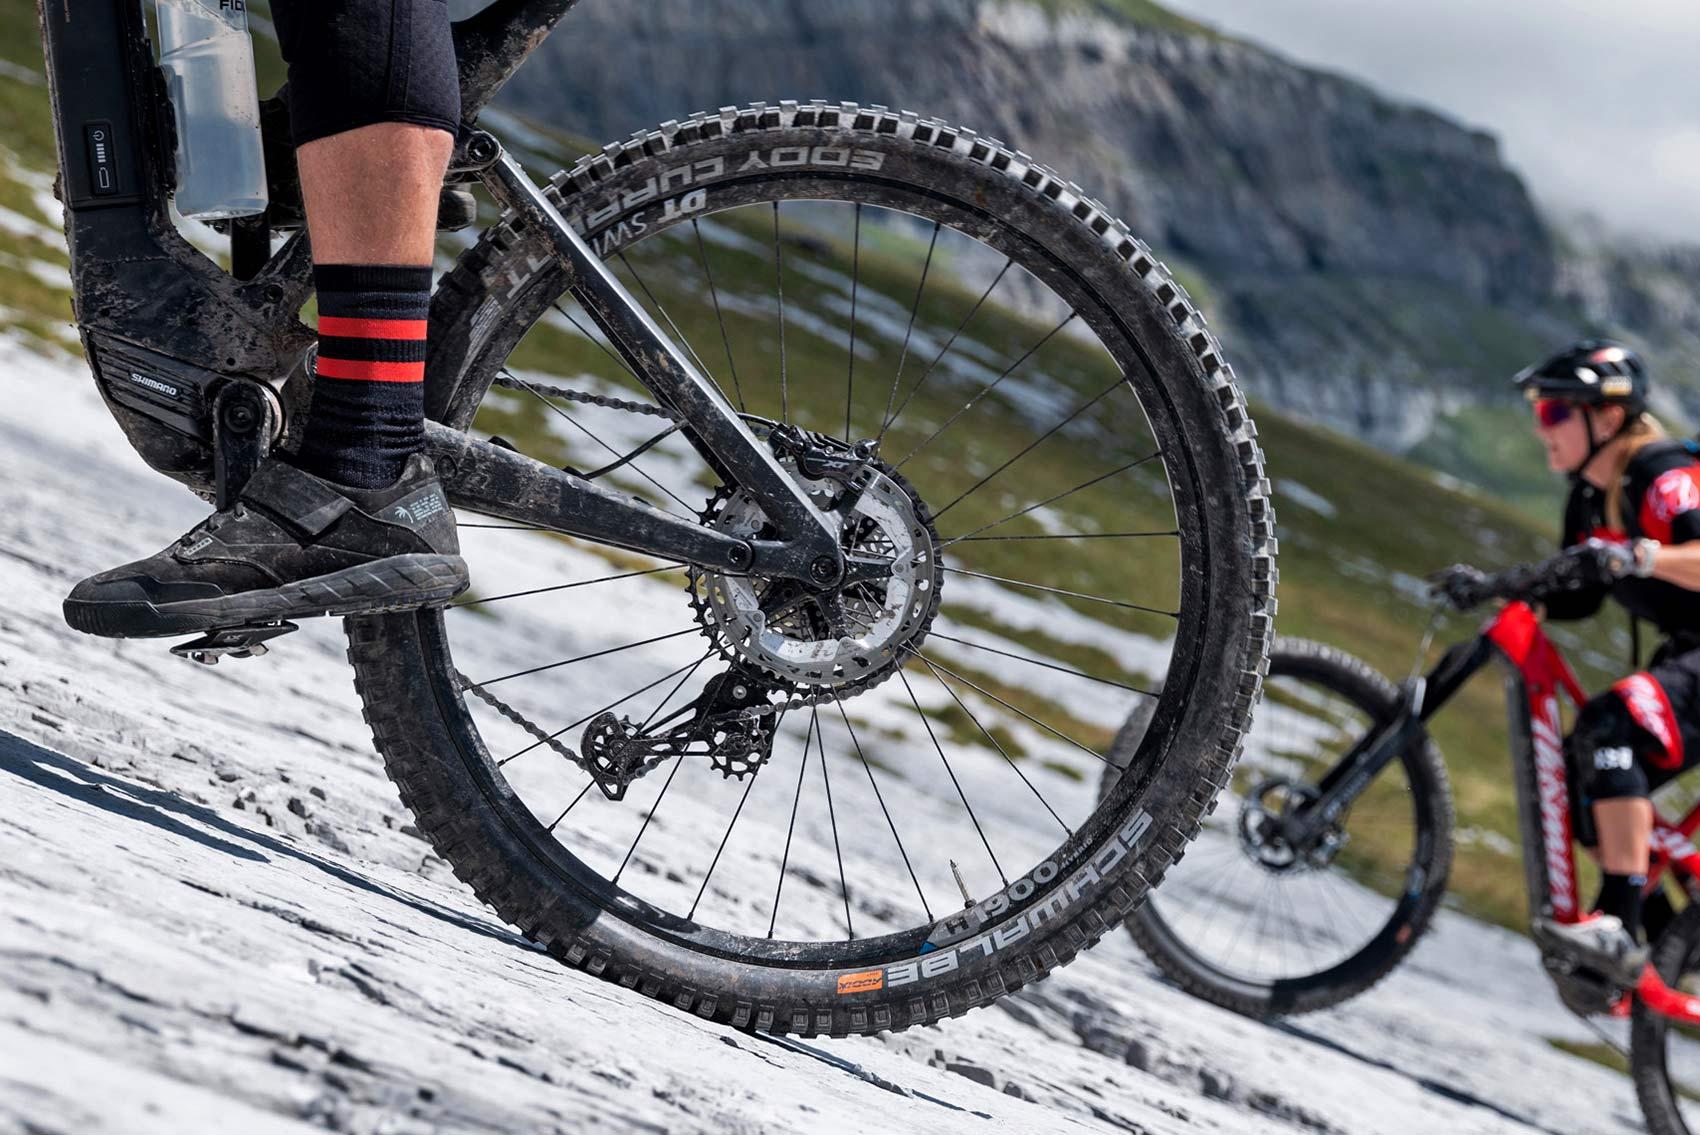 DT Swiss Hybrid 2 eMTB wheels, heavy-duty stronger e-bike hubs spokes wheels, detail photo by Gaudenz Danuser